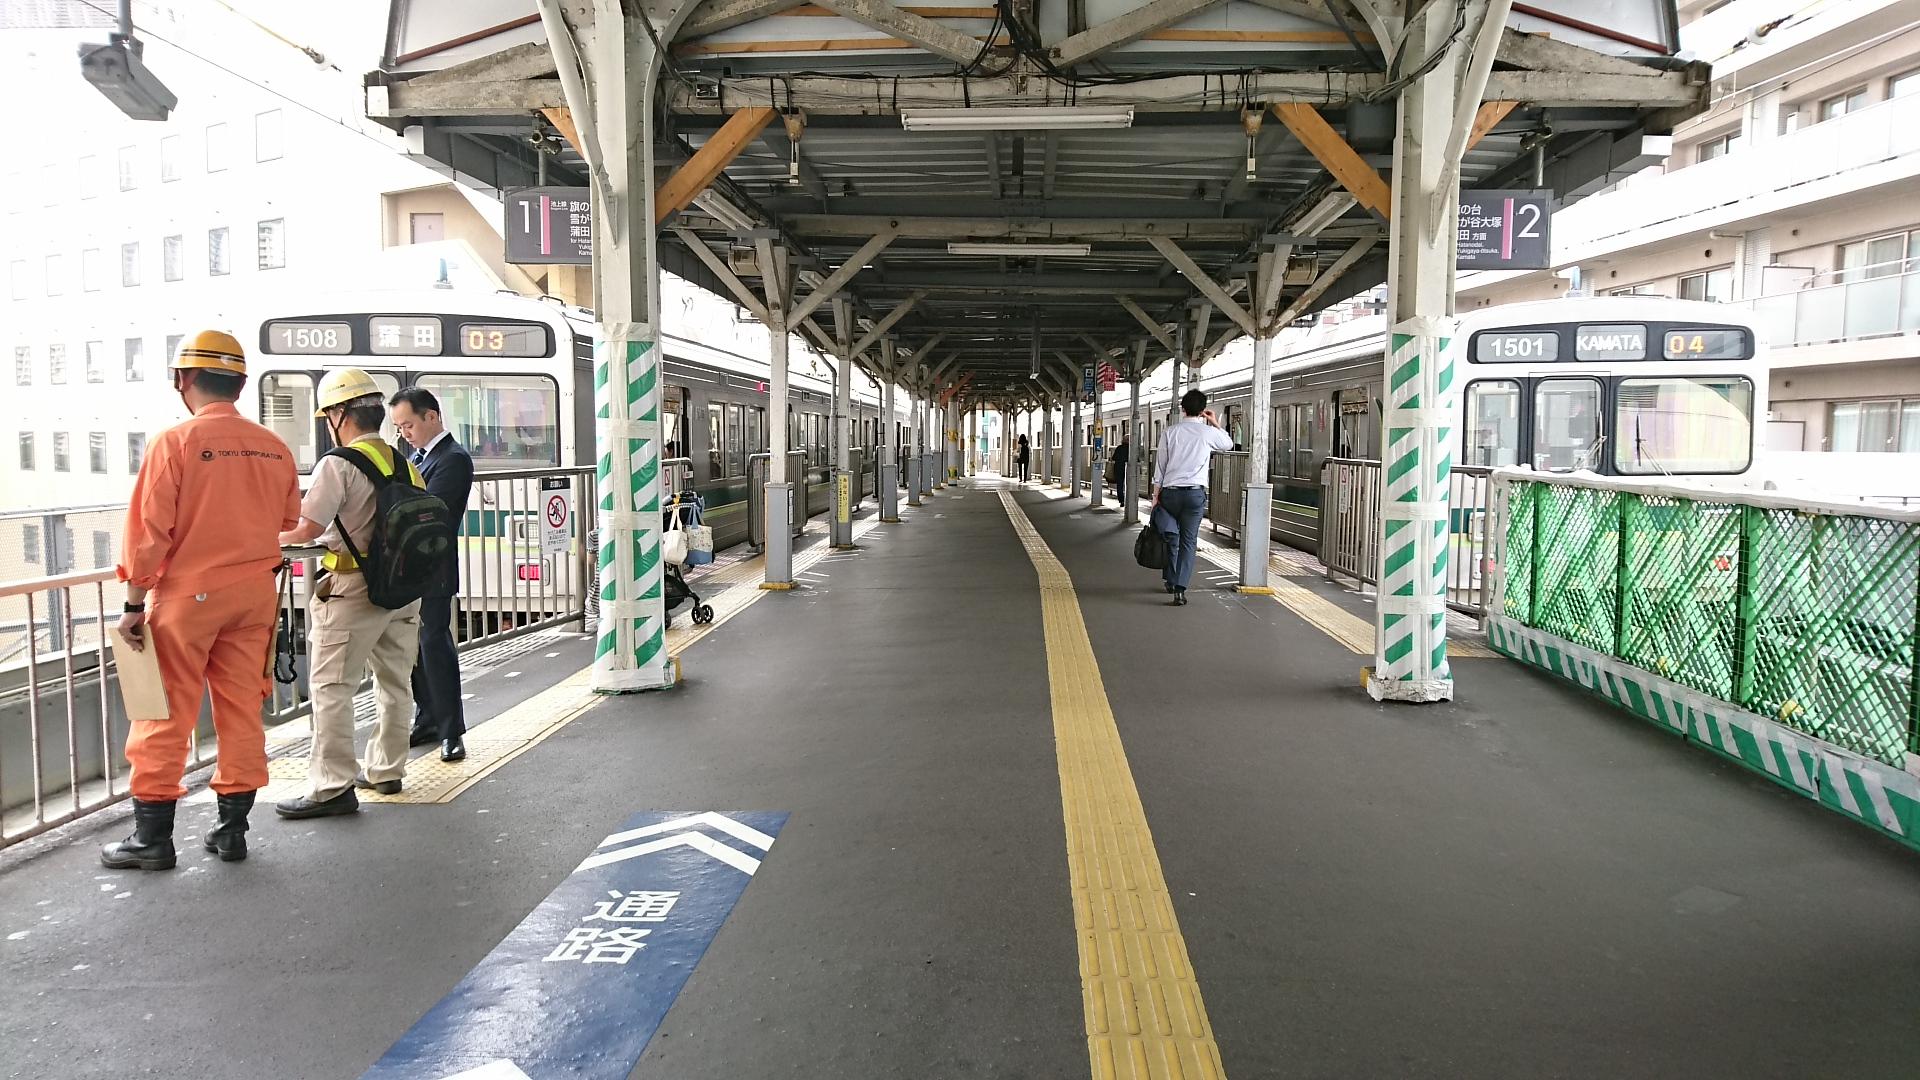 2017.10.12 東京 (93) 五反田 - 池上線ホーム 1920-1080